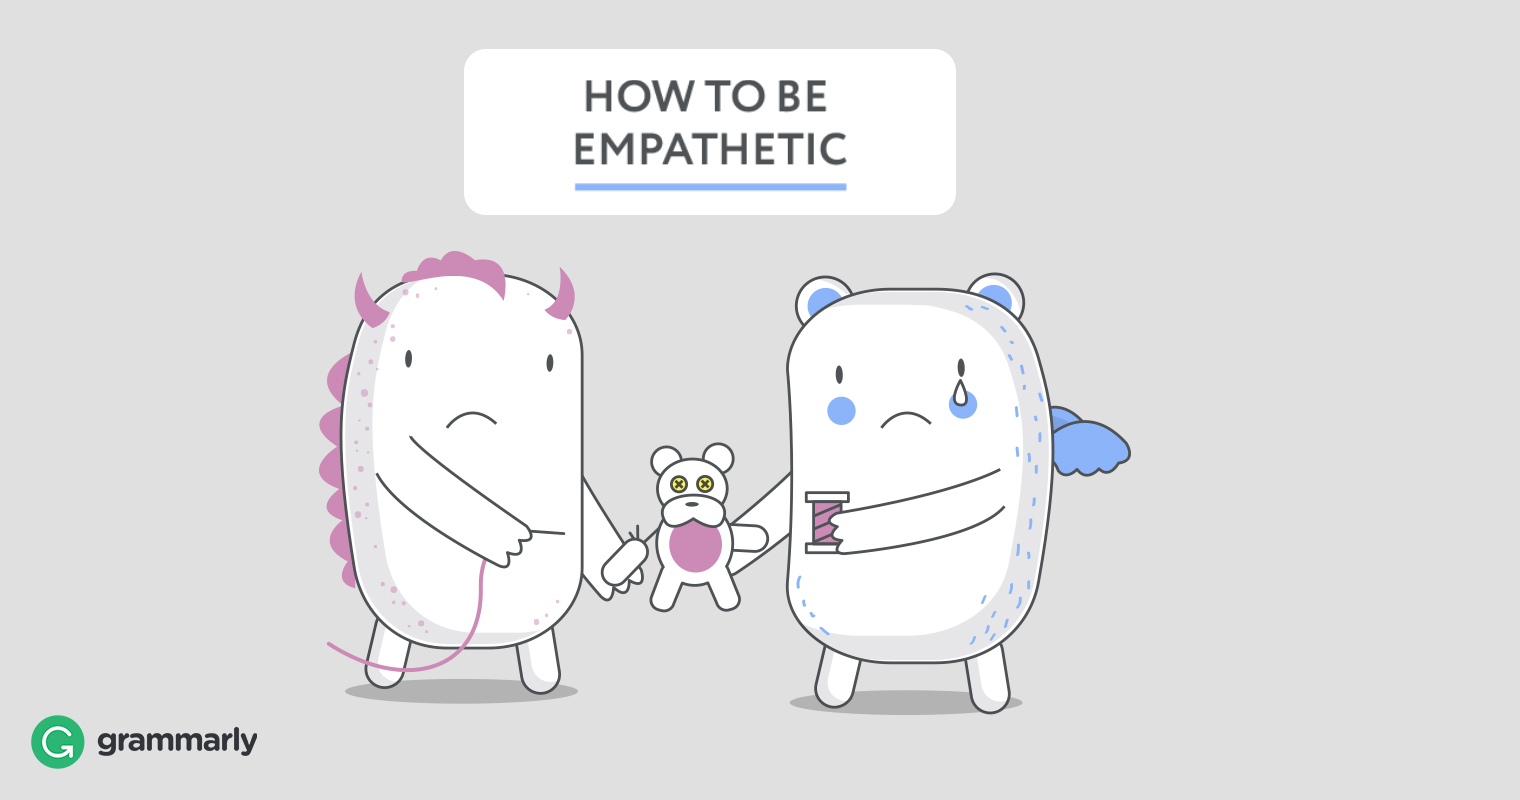 Empathetic example